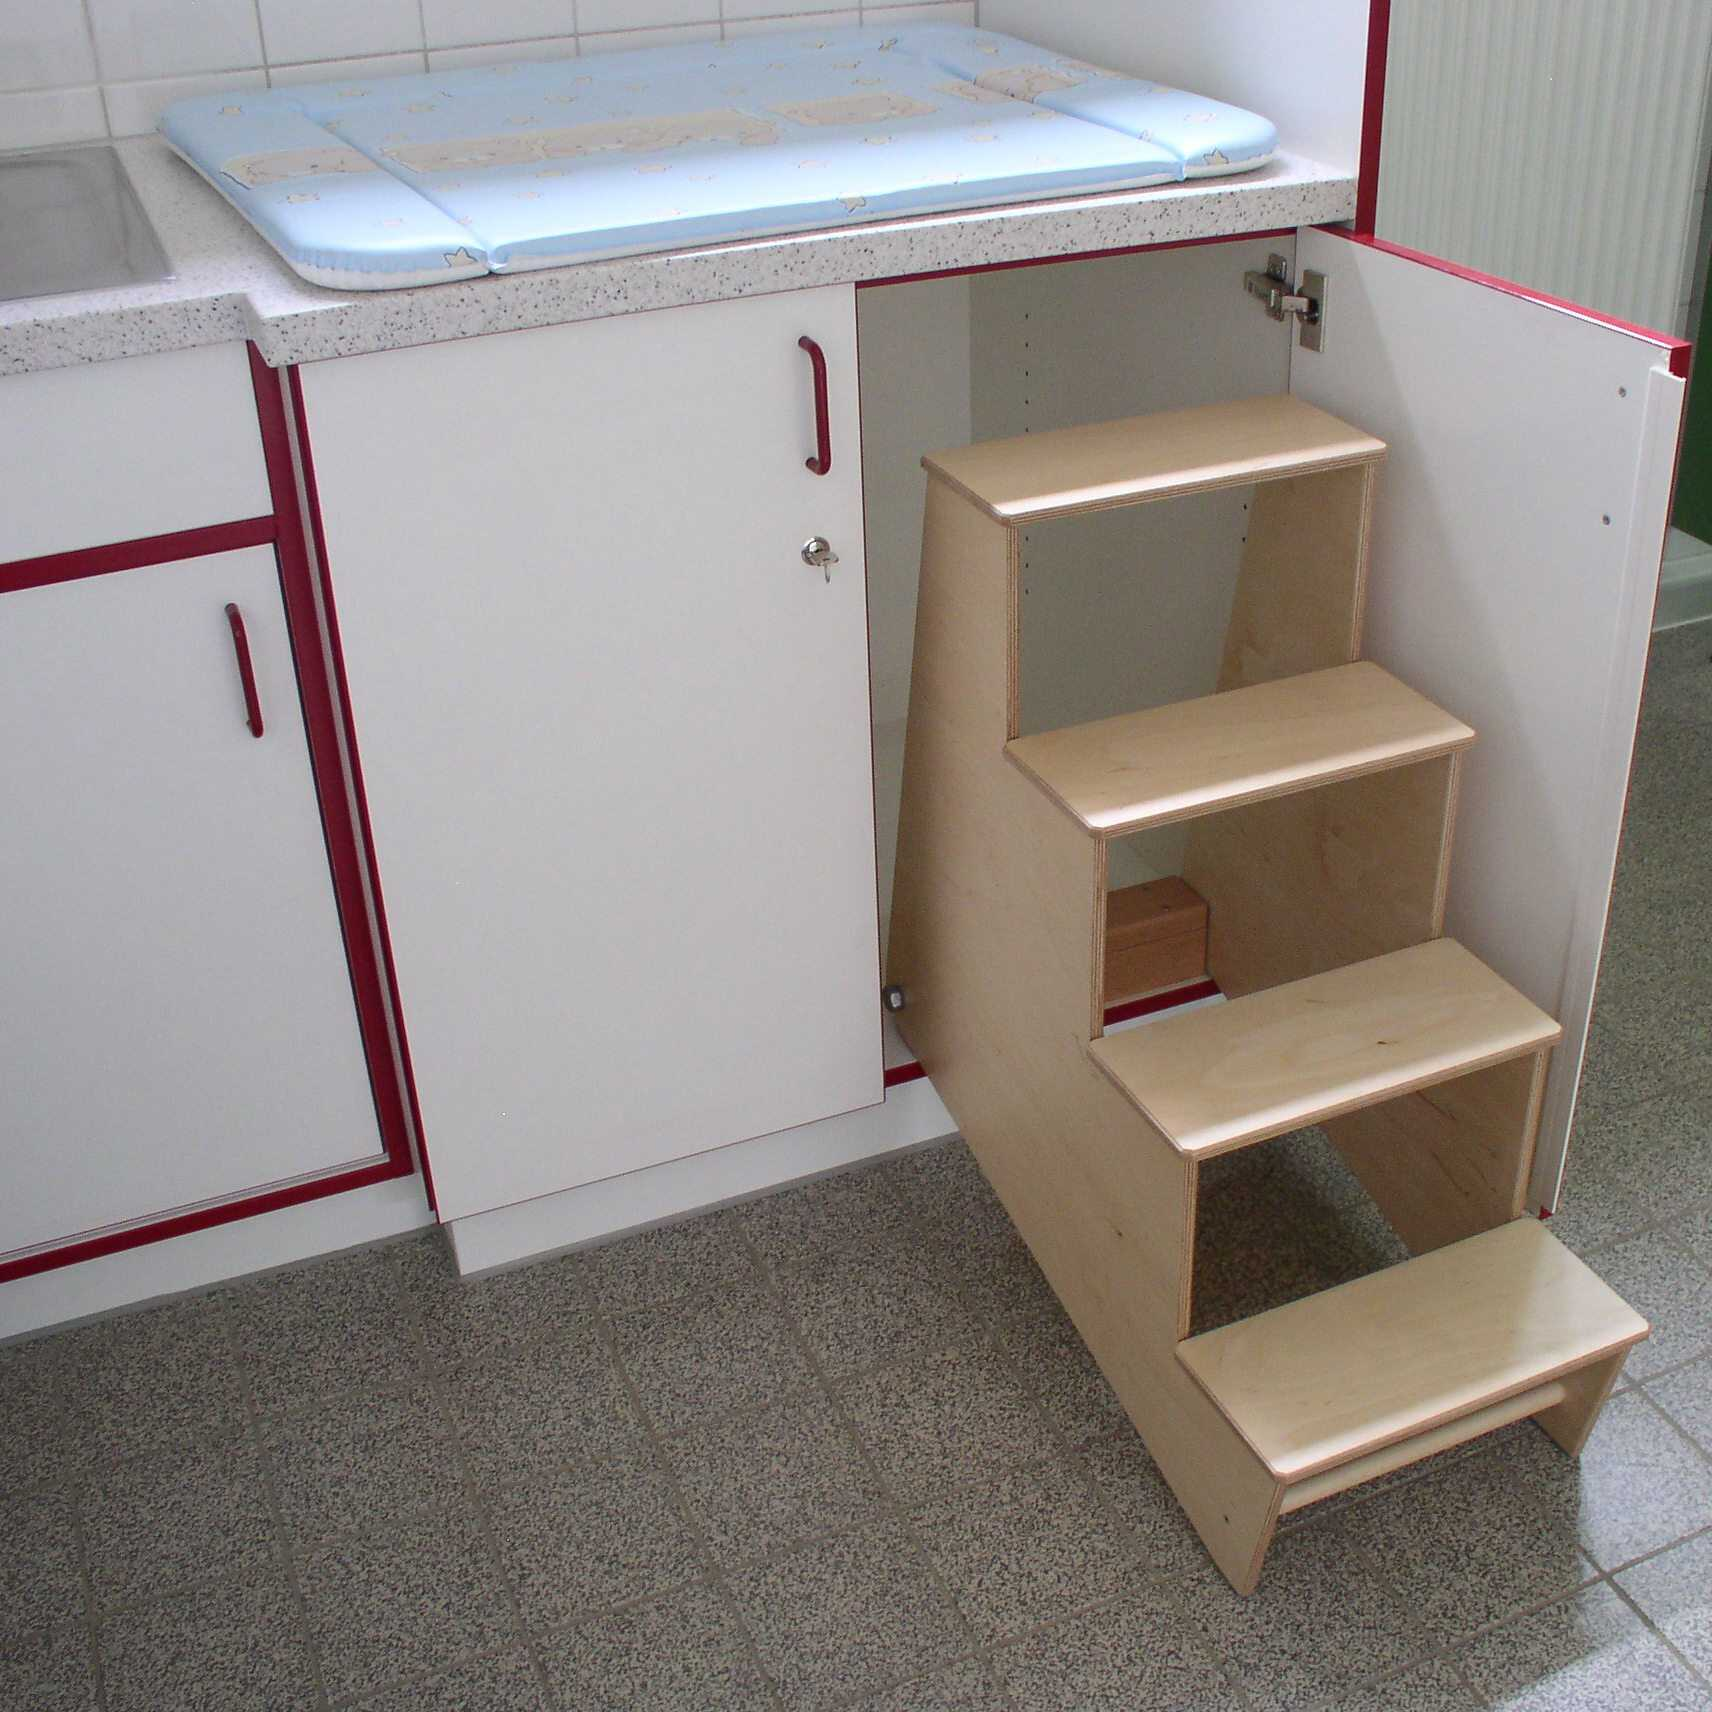 schreinerei maier m bel zum arbeiten. Black Bedroom Furniture Sets. Home Design Ideas